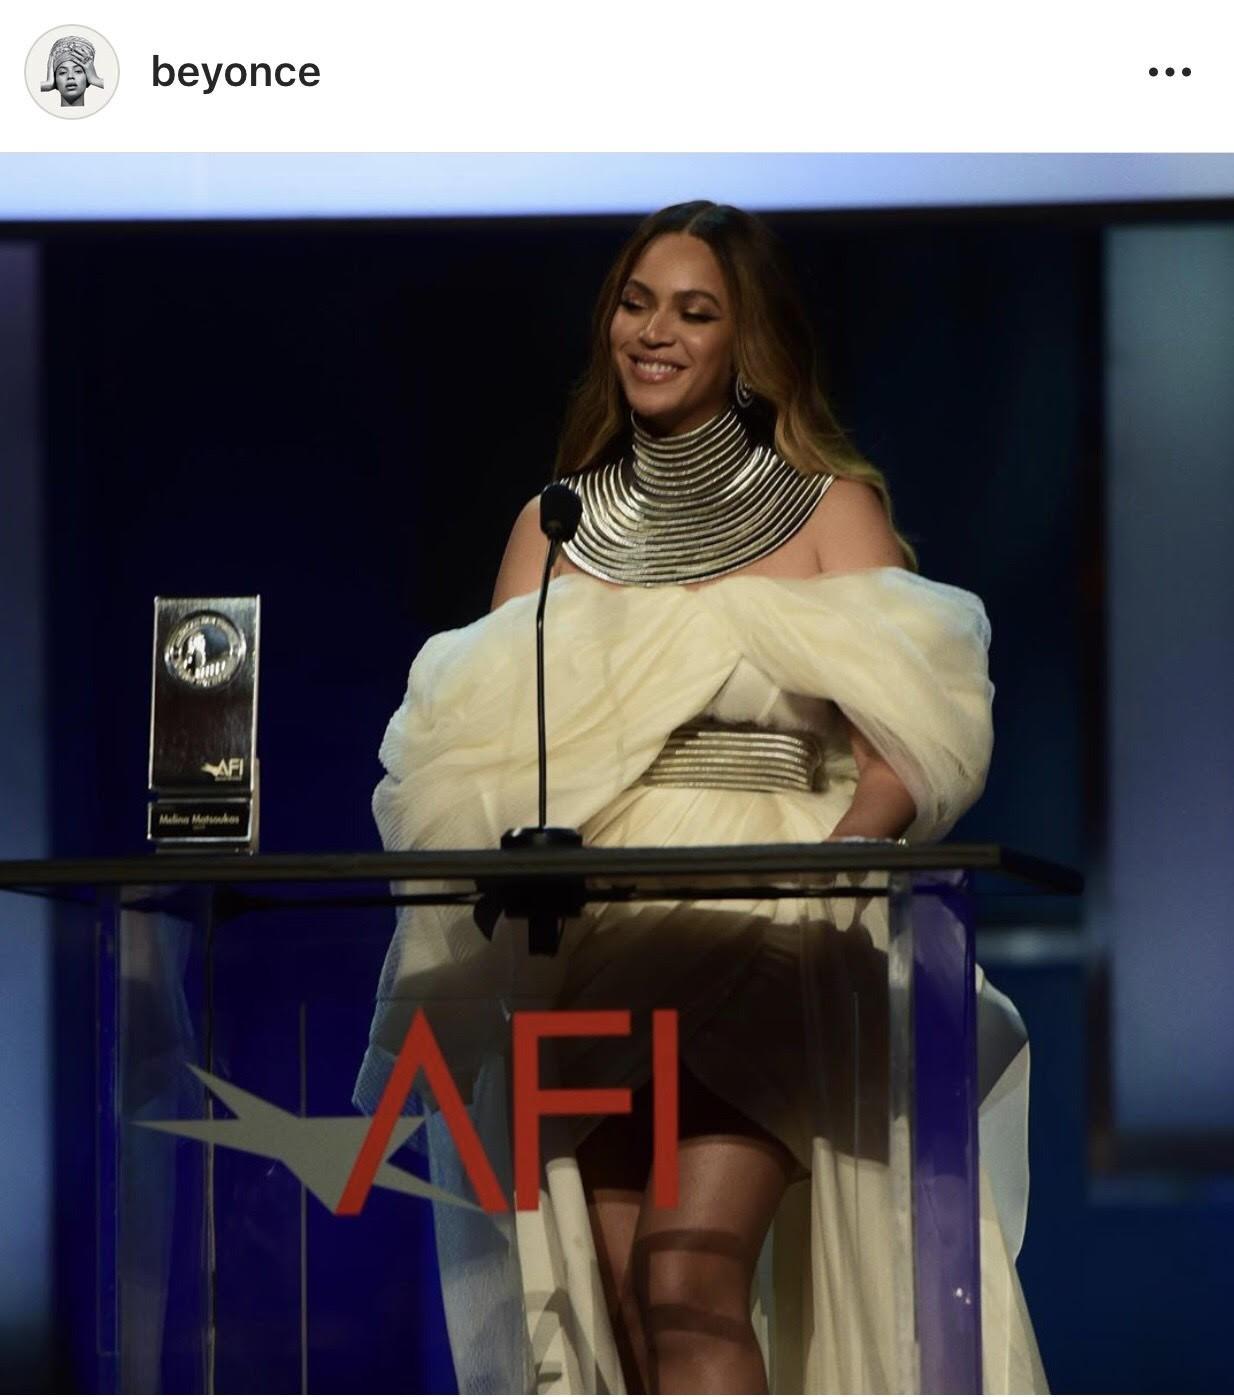 Oách chưa từng thấy: Beyonce diện đồ của NTK Phương My, và đó là thiết kế độc bản của riêng diva tầm cỡ - Ảnh 1.